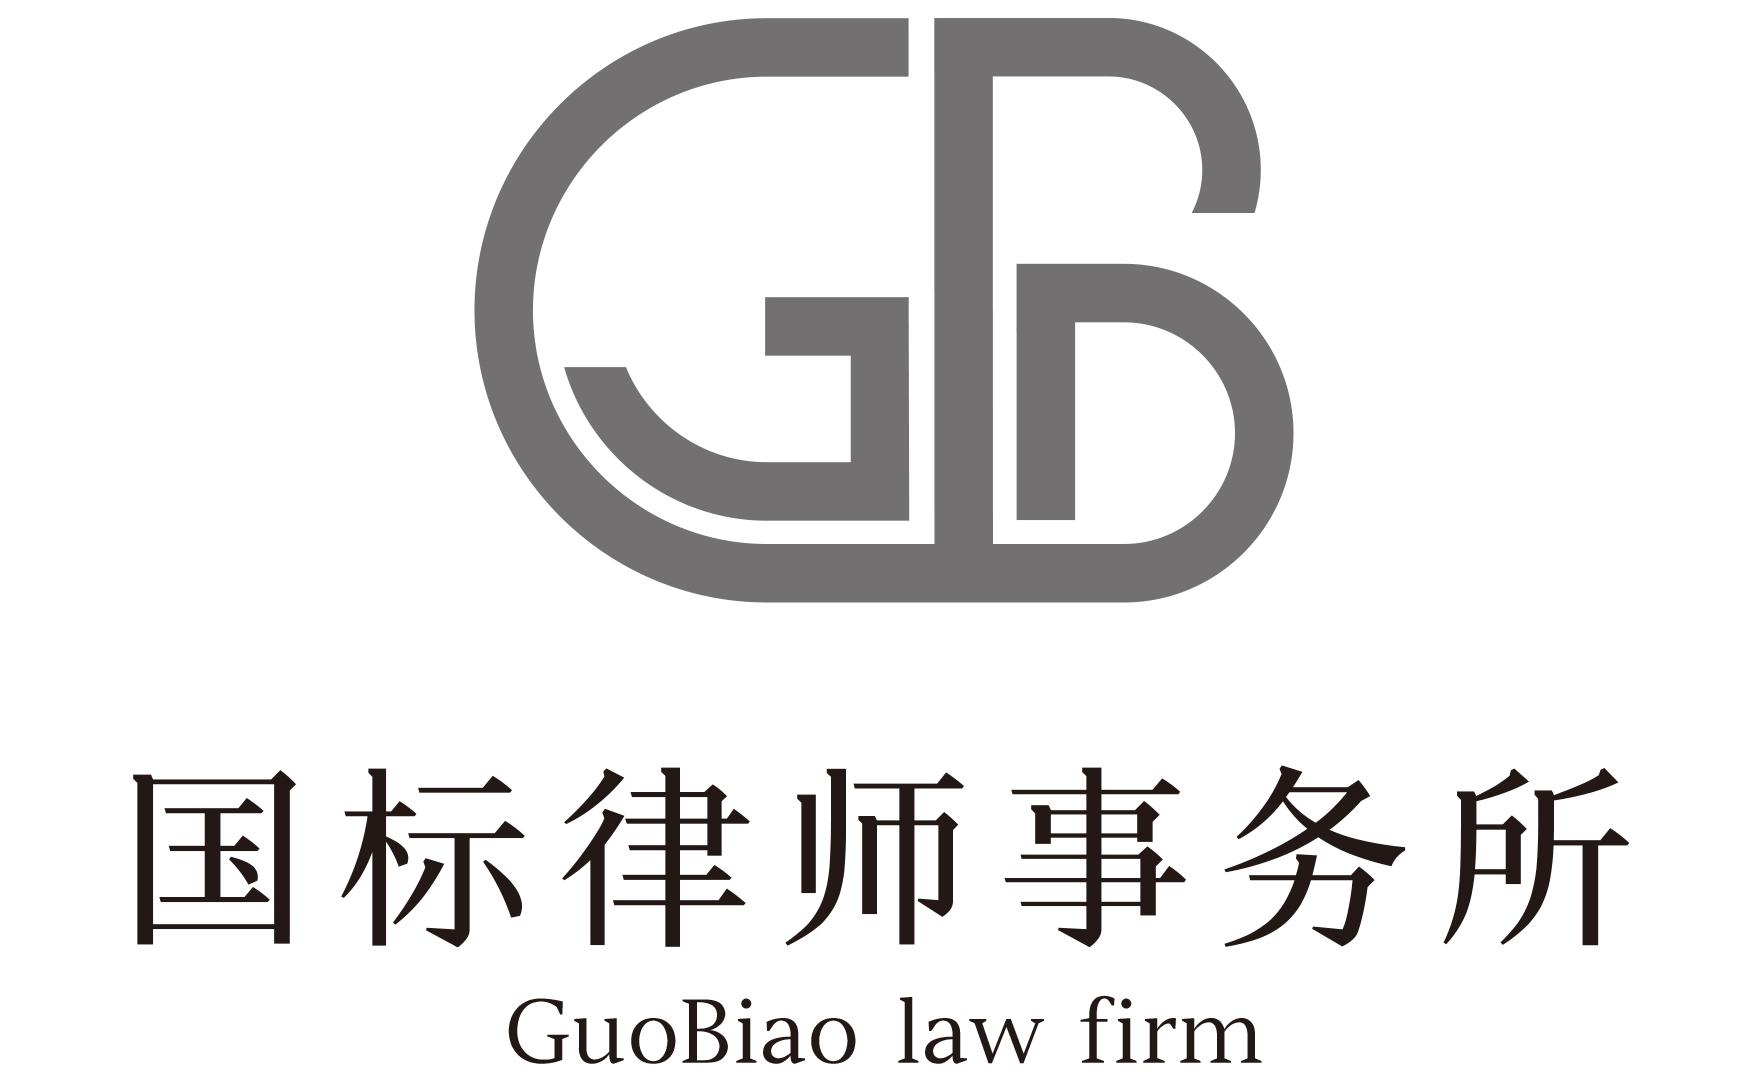 北京国标律师事务所